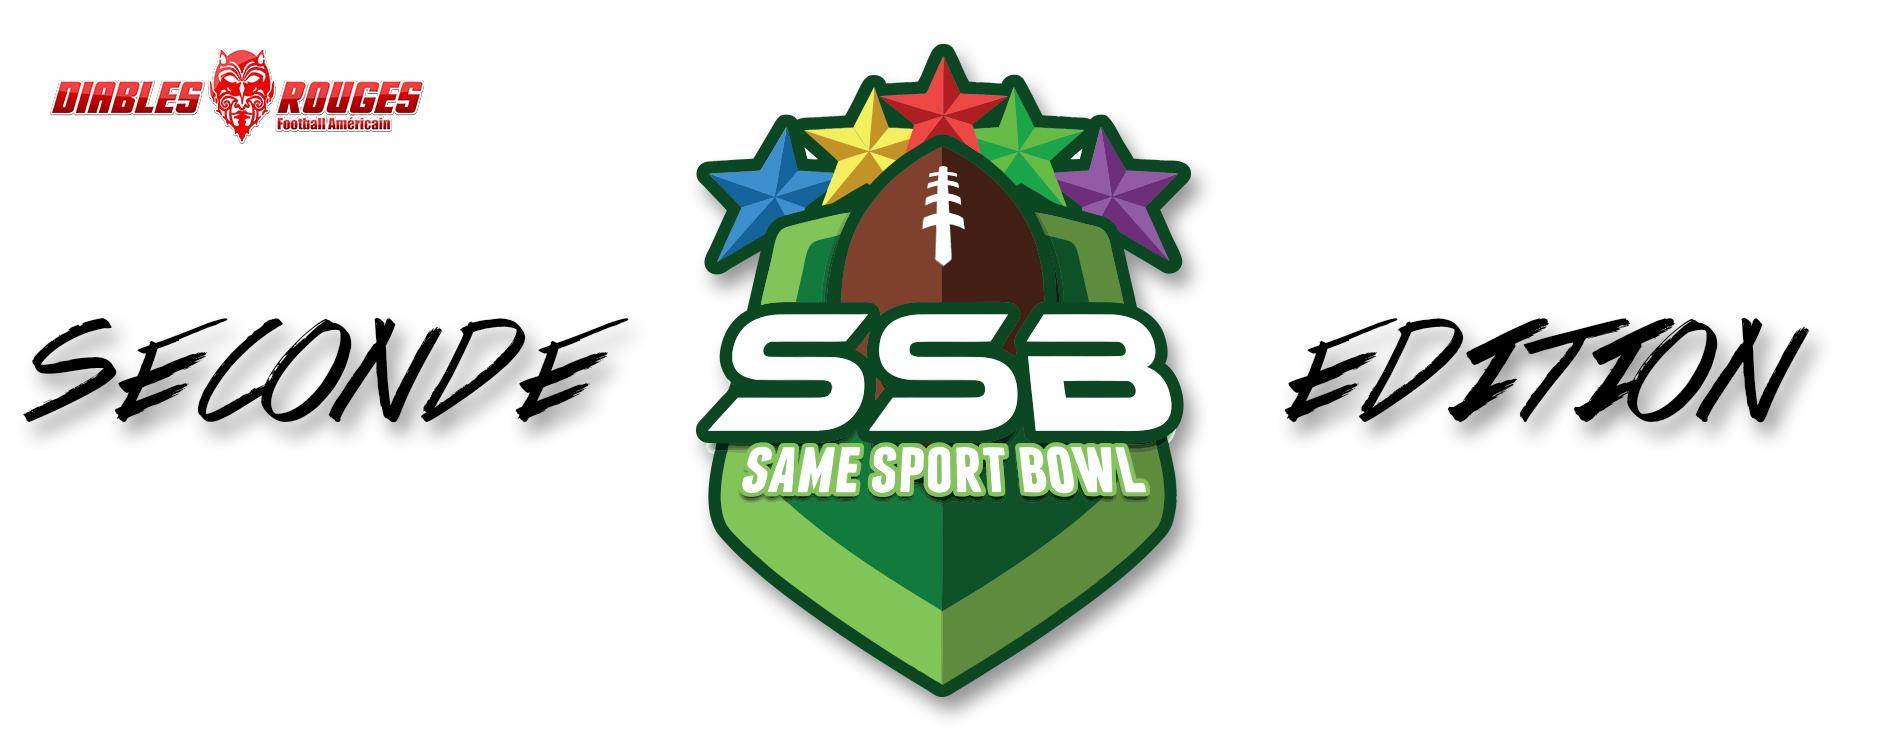 Article-SSB